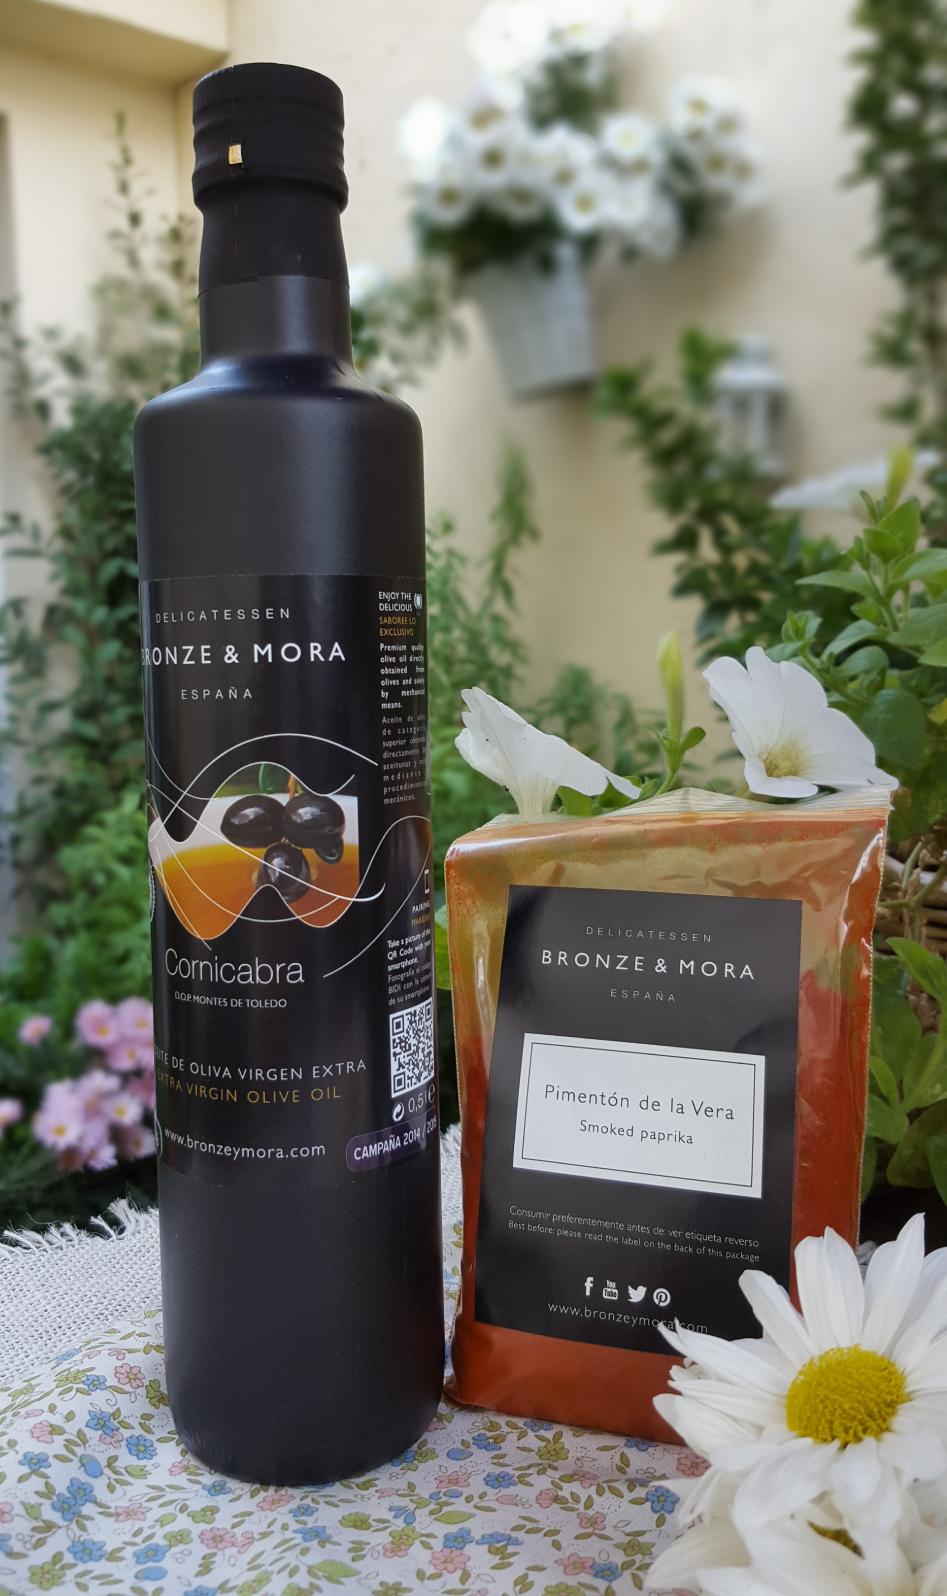 Receta-bacalao-con-aove-bronze-&-mora-aceite-de-oliva-virgen-extra-cosecha-temprana-seleccion-gourmet-estuches-de-maridaje-para-regalar--regalos-de-navidad-en-el-centro-de-madrid--malasaña--calle-libreros-5-olive-oil-regala-salud-gourmet